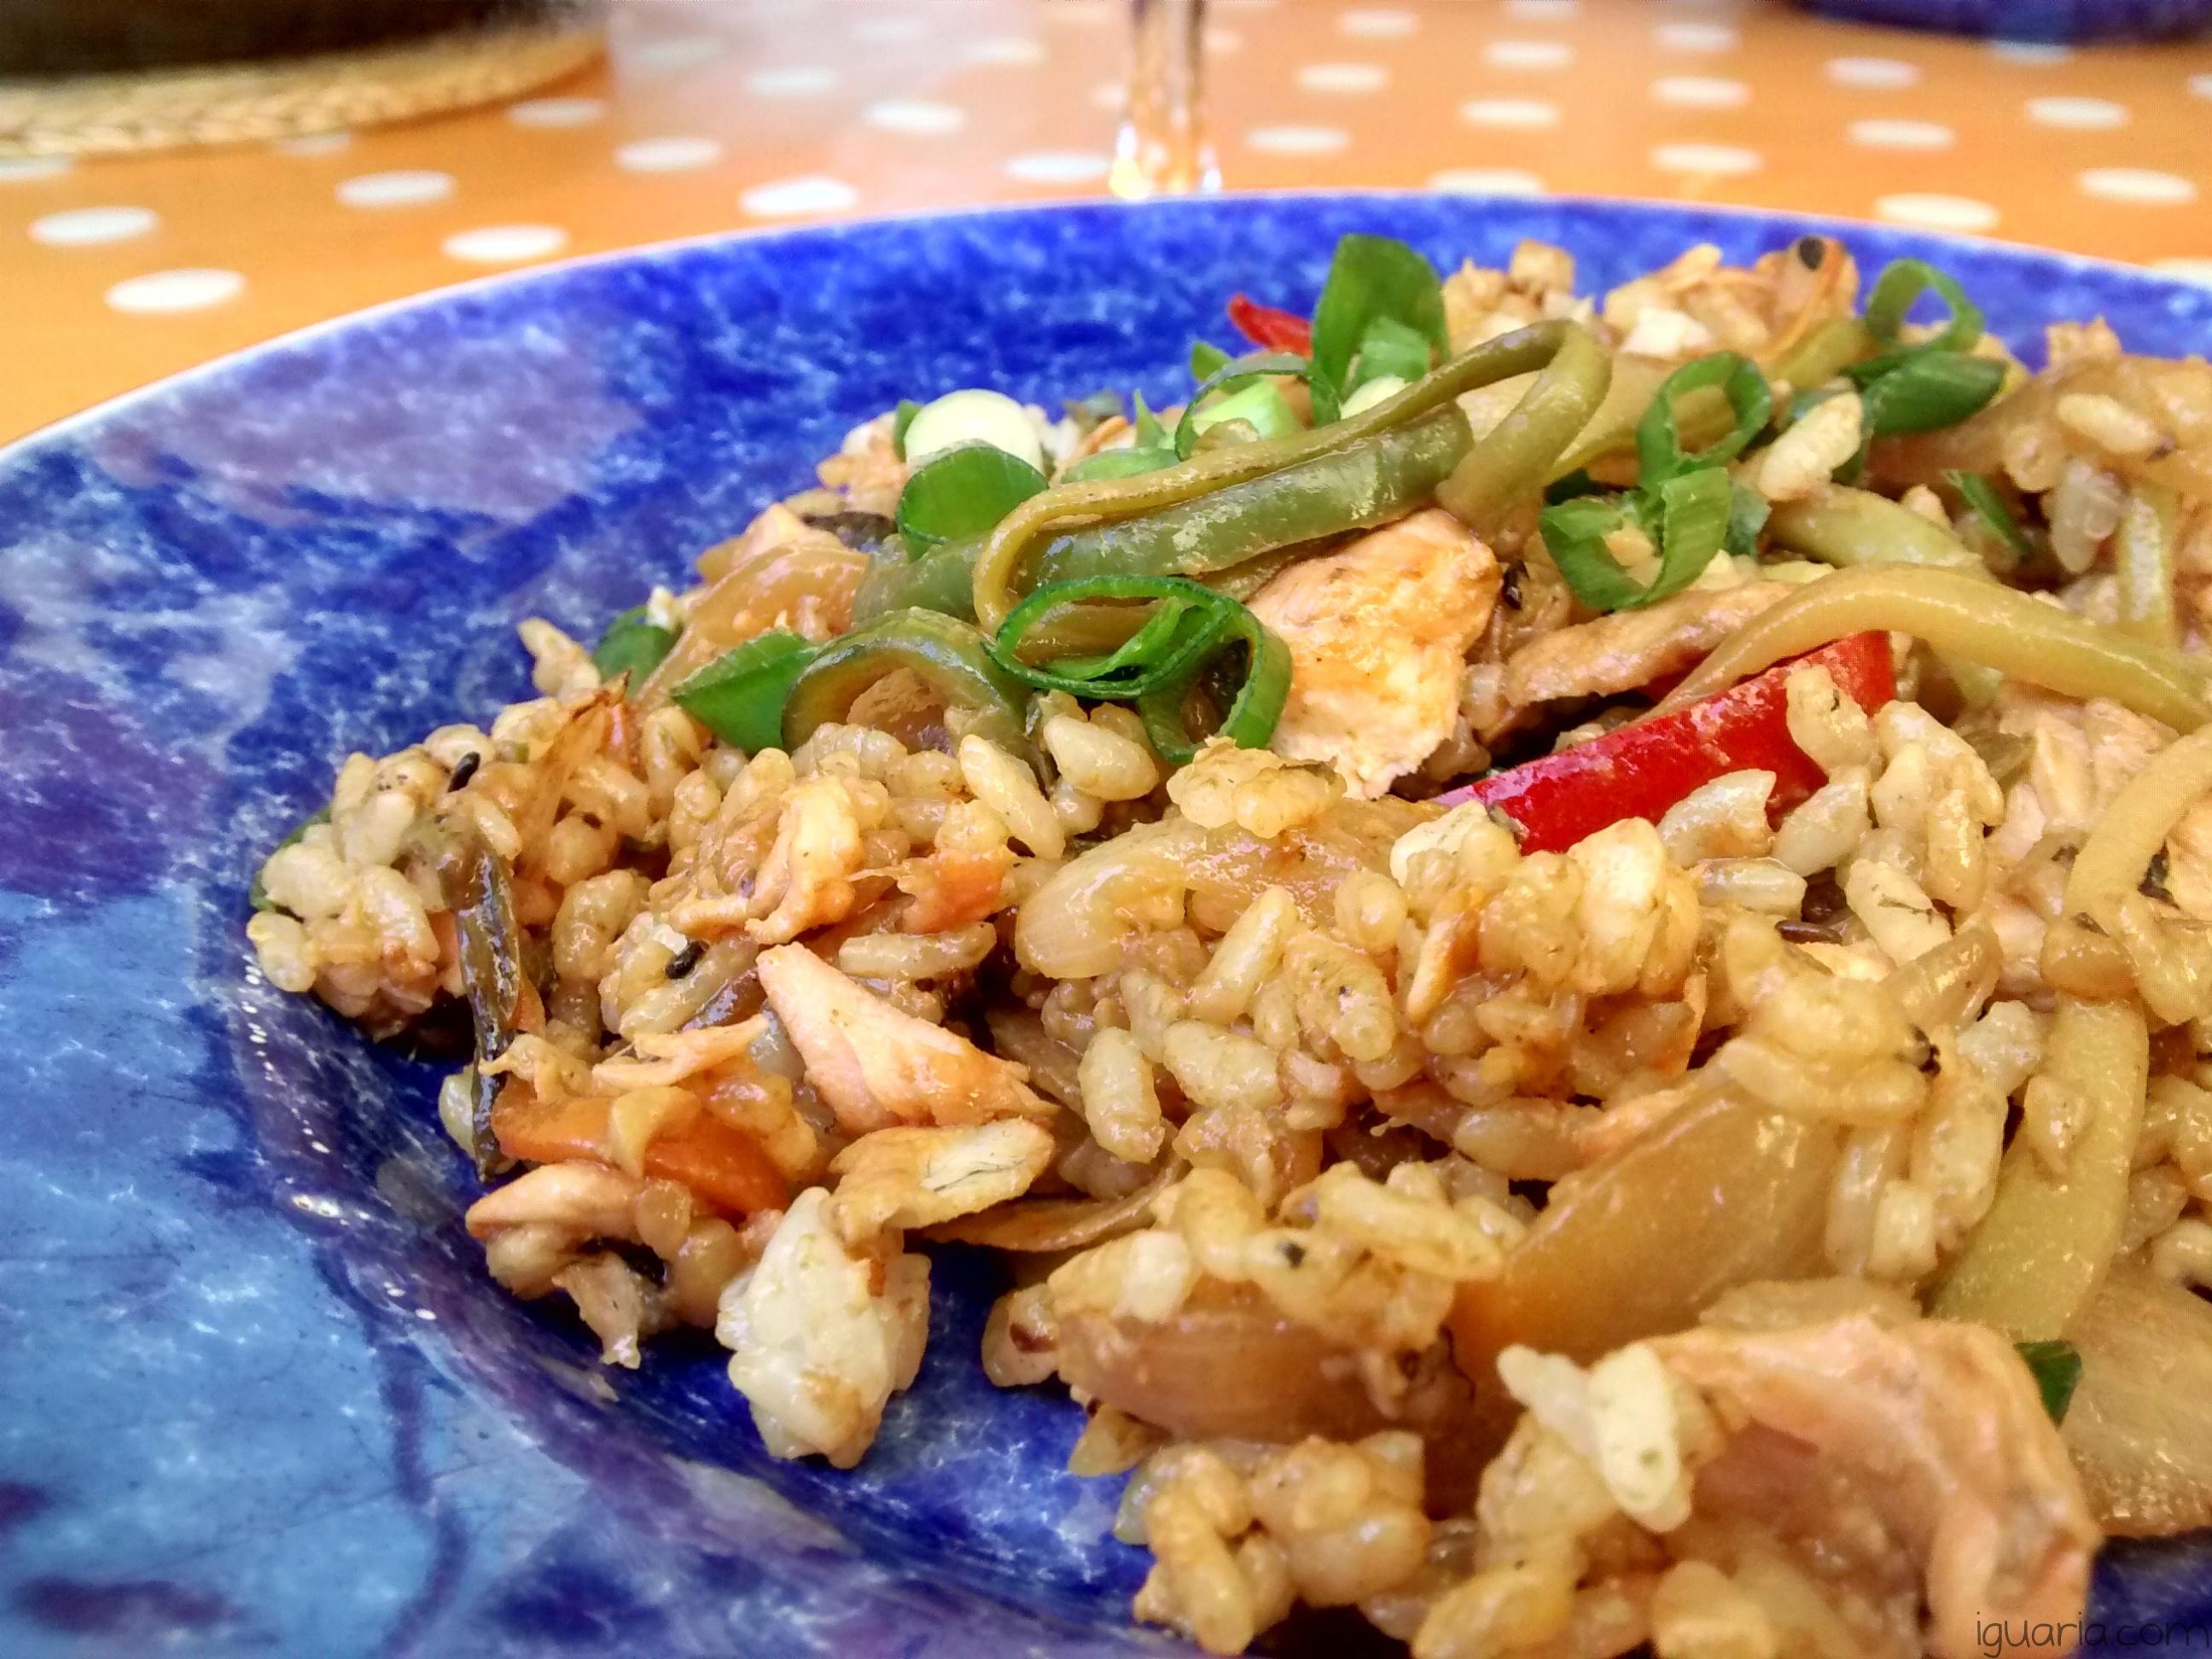 iguaria-arroz-com-vegetais-para-panela-arroz